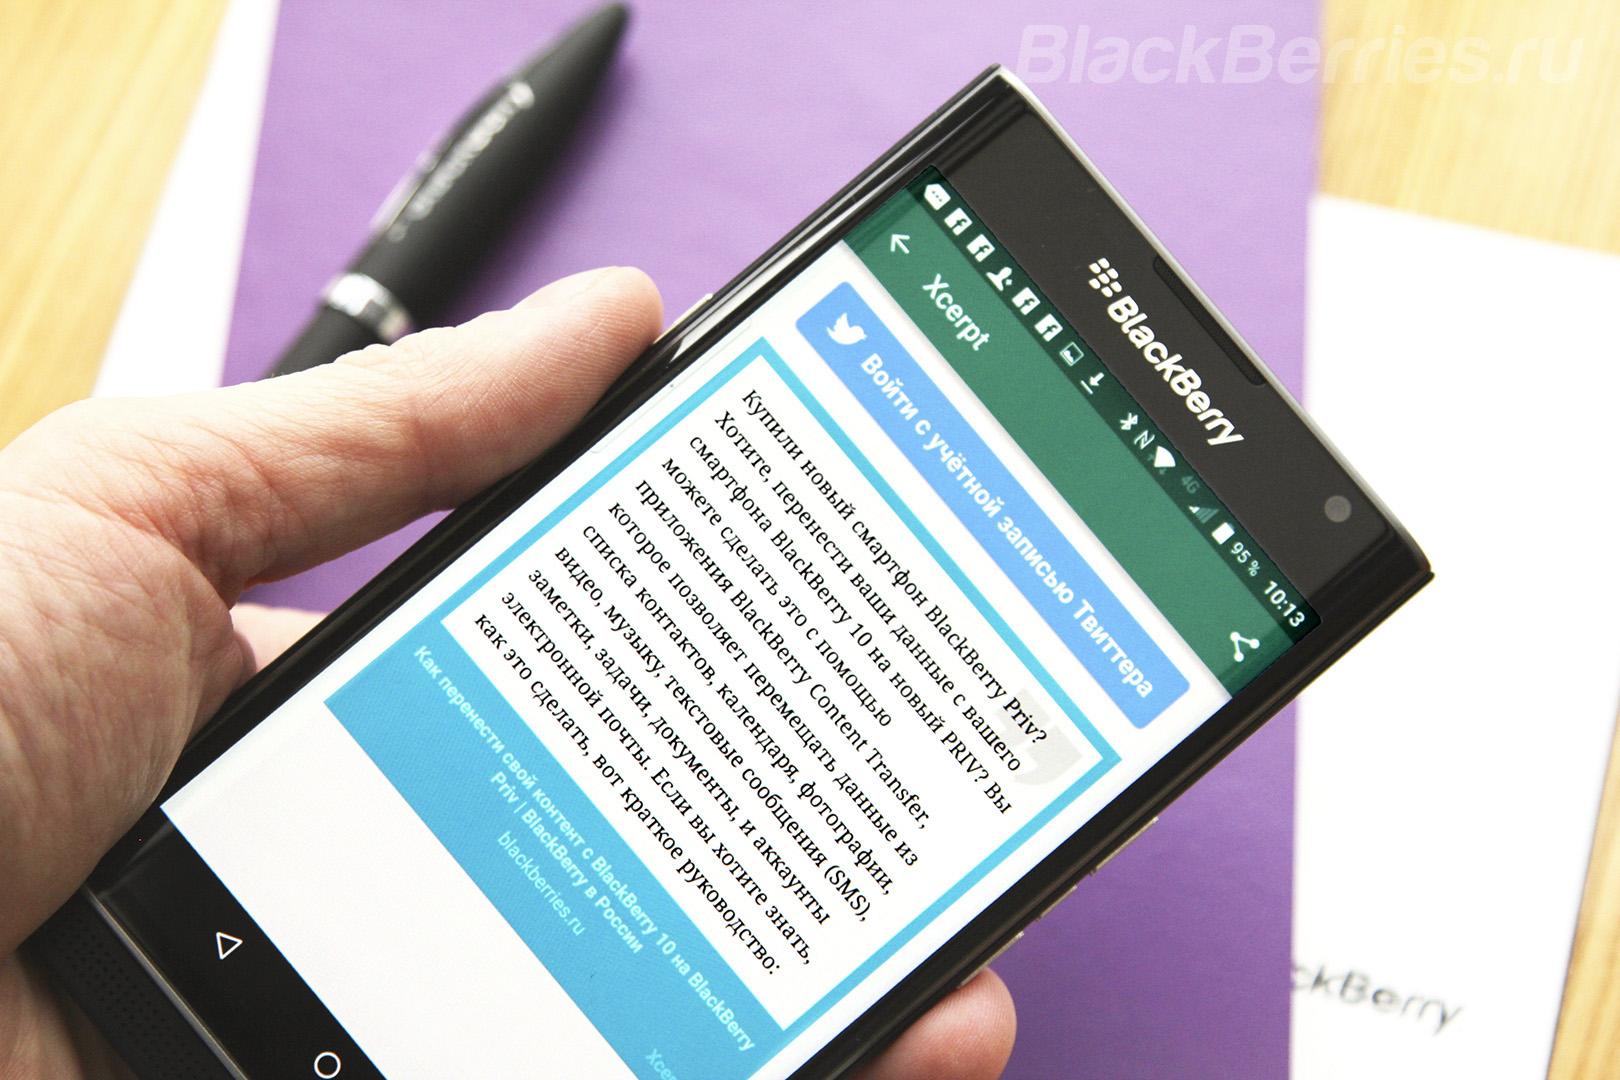 BlackBerry-Apps-21-11-06